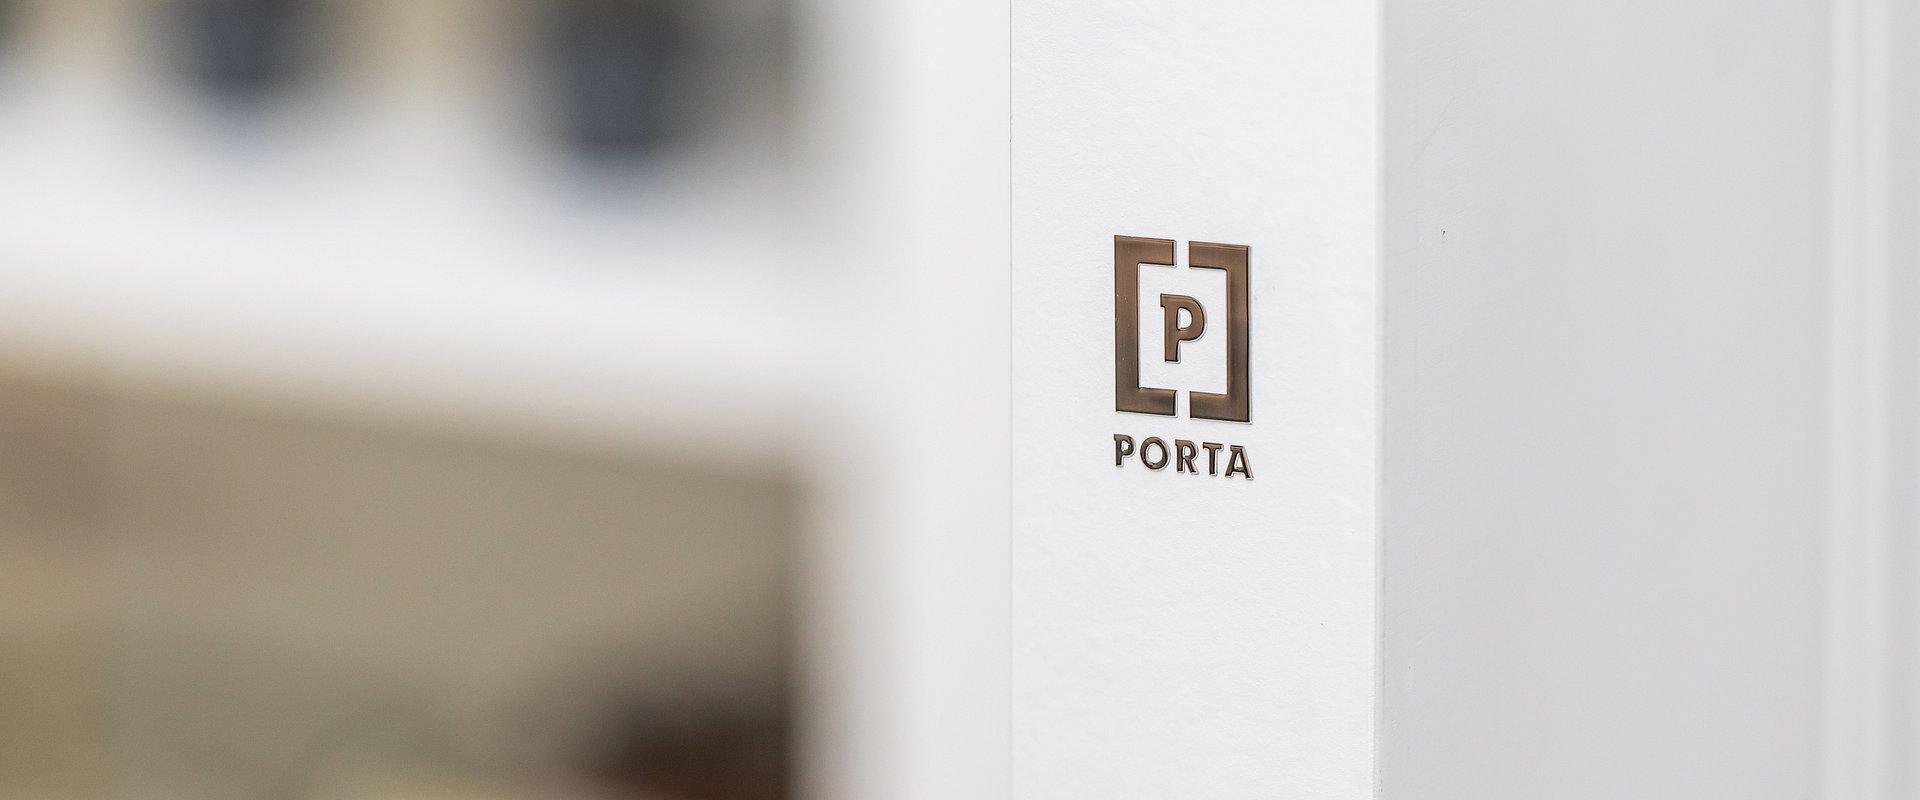 Dorota Szelągowska pokazała swoje mieszkanie z drzwiami PORTA